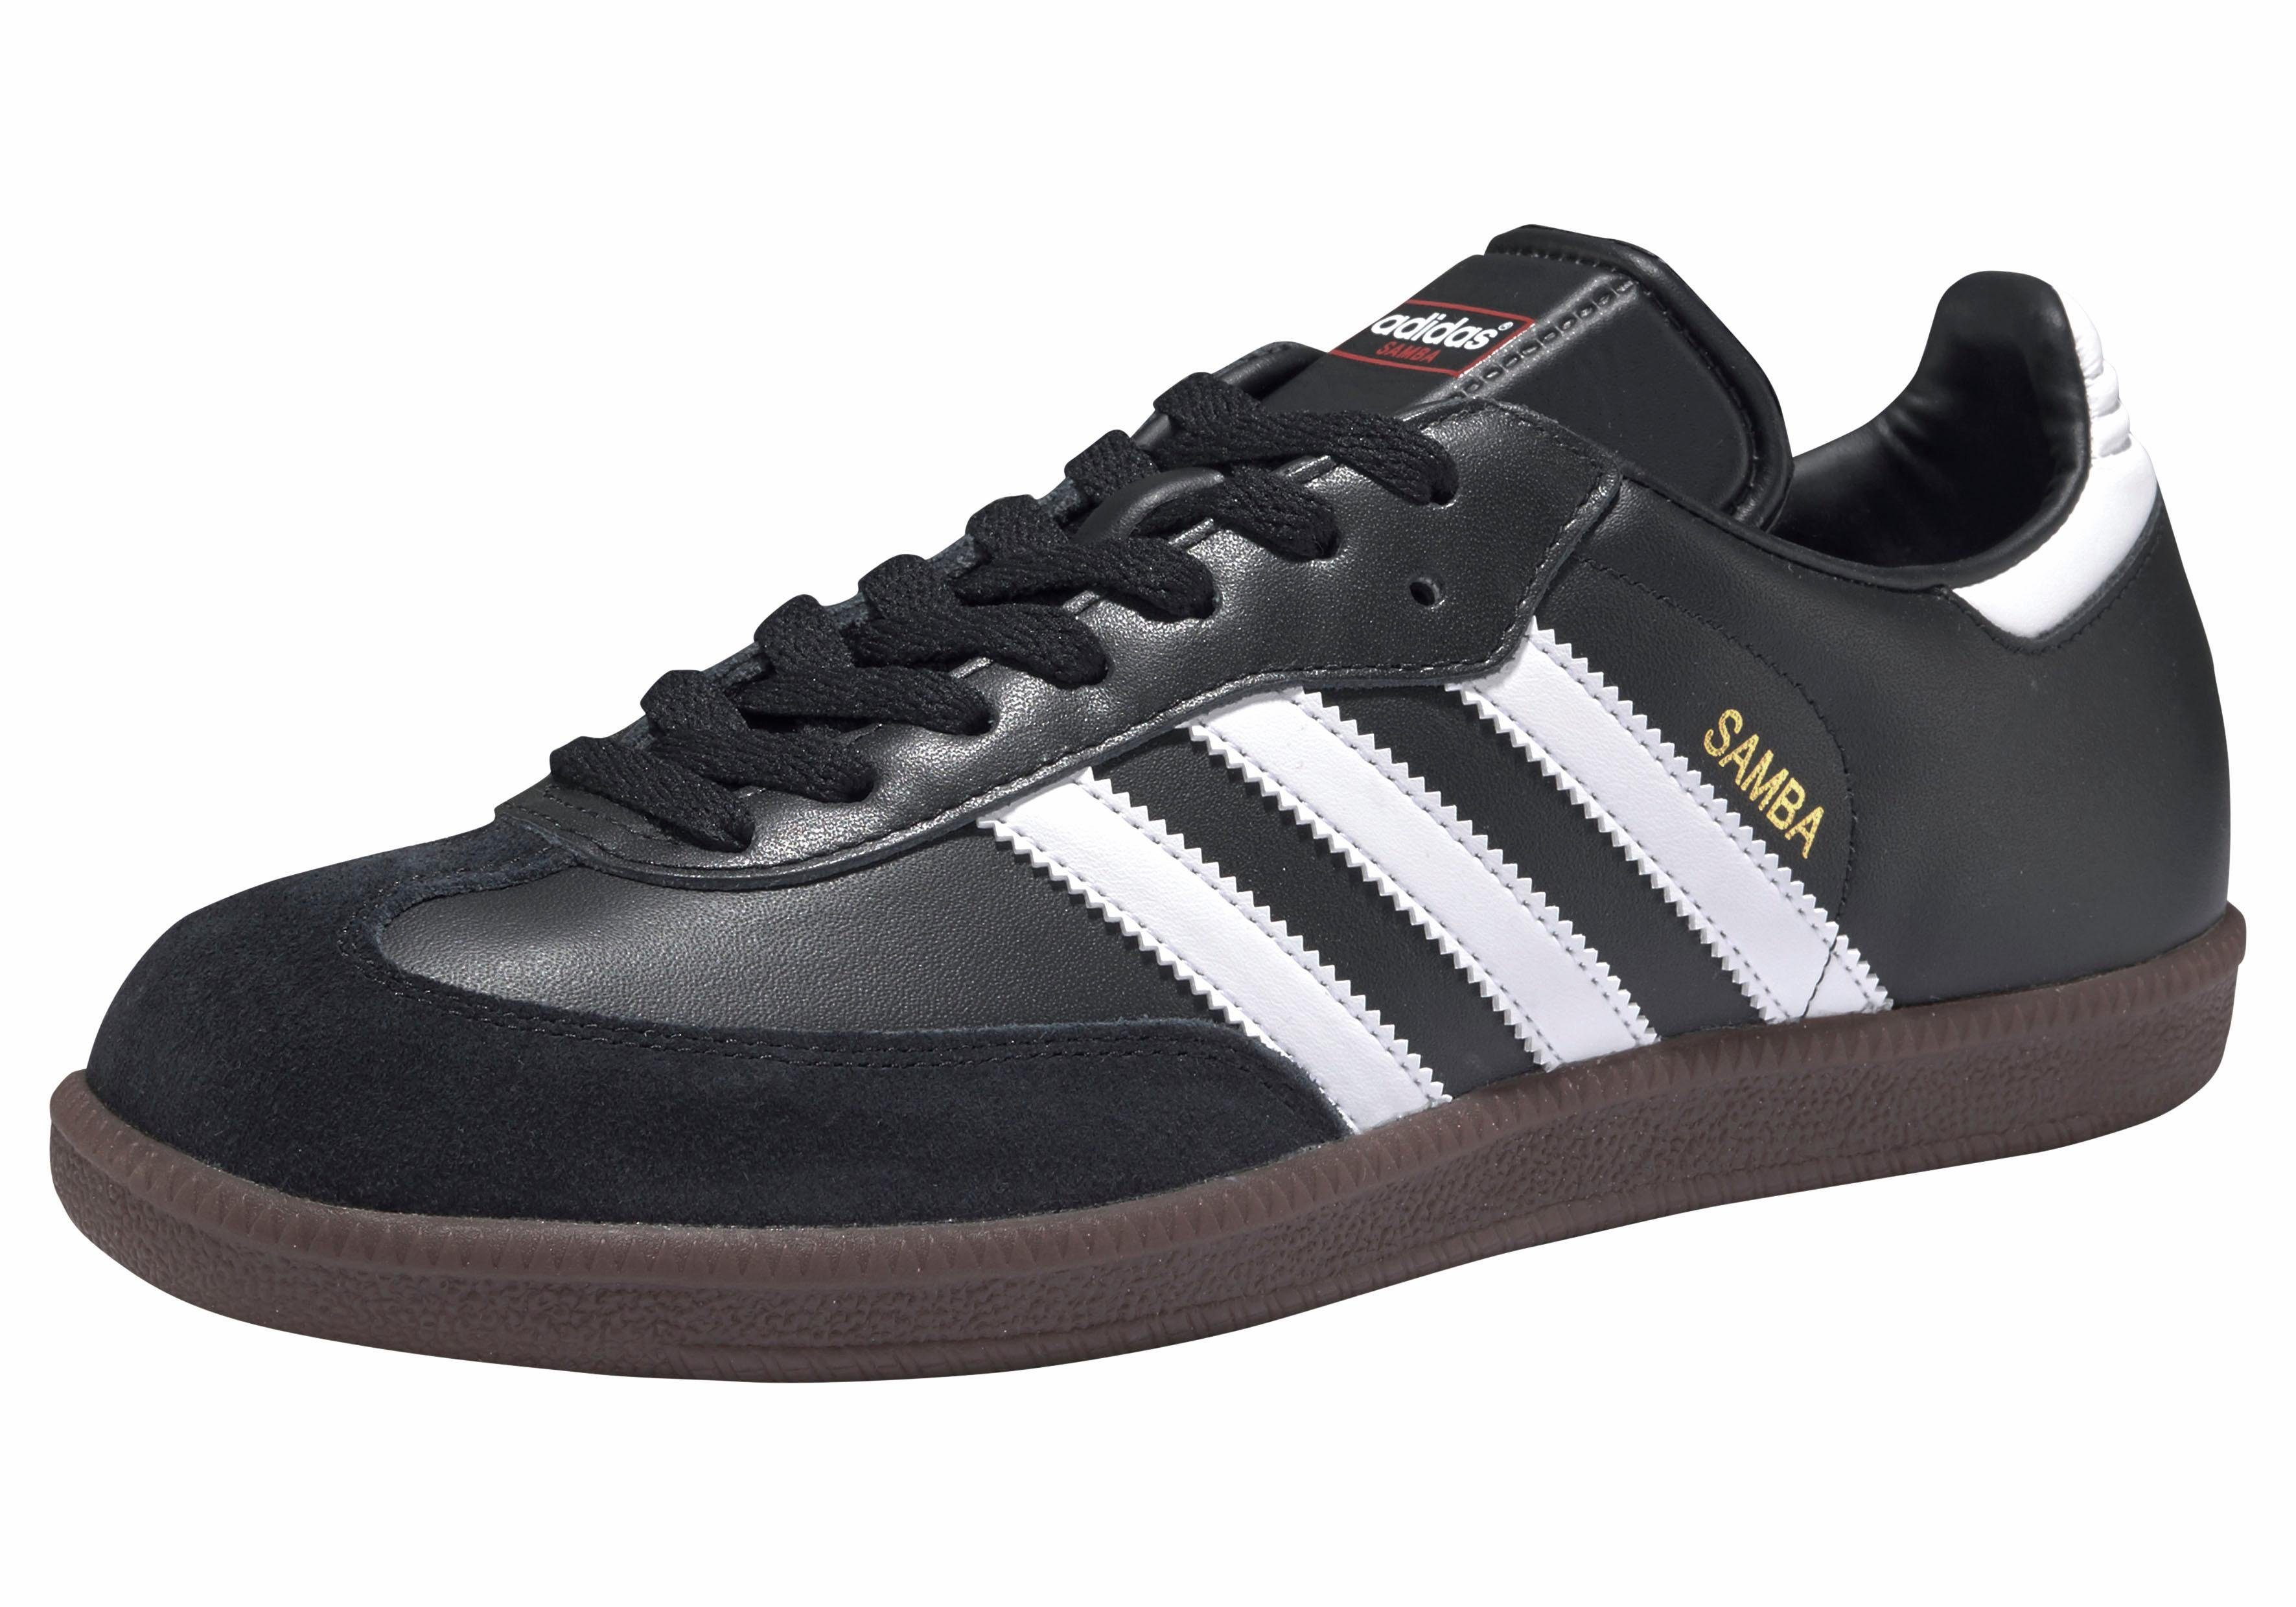 hoe vallen adidas originals schoenen